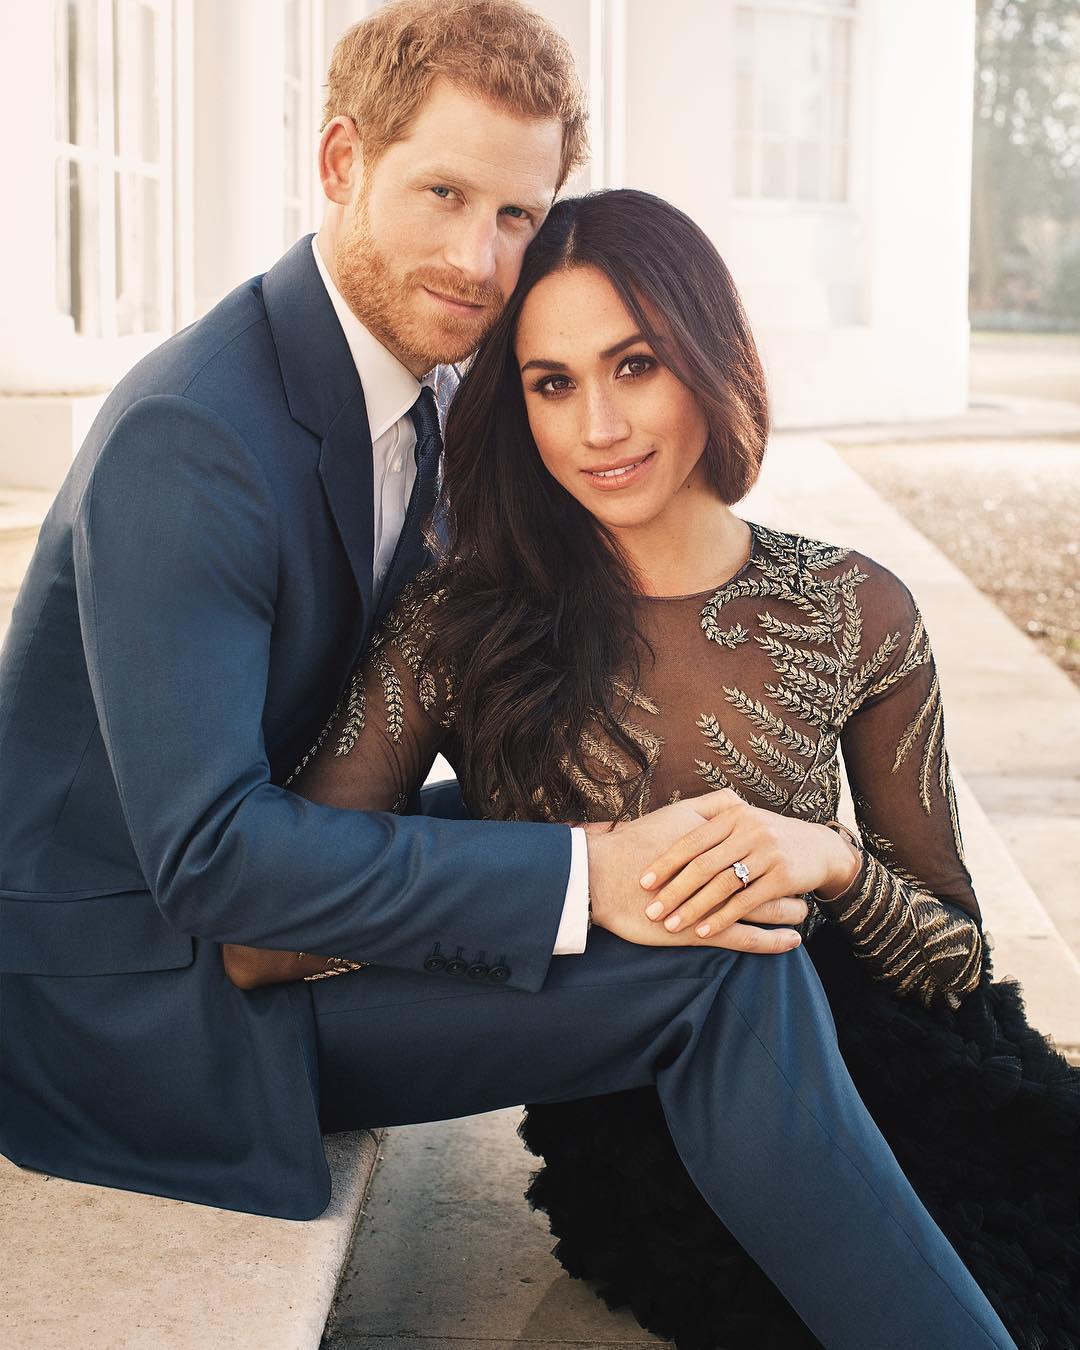 Меган Маркл в платье Ralph Russo во время объявления о помолвке с принцем Гарри